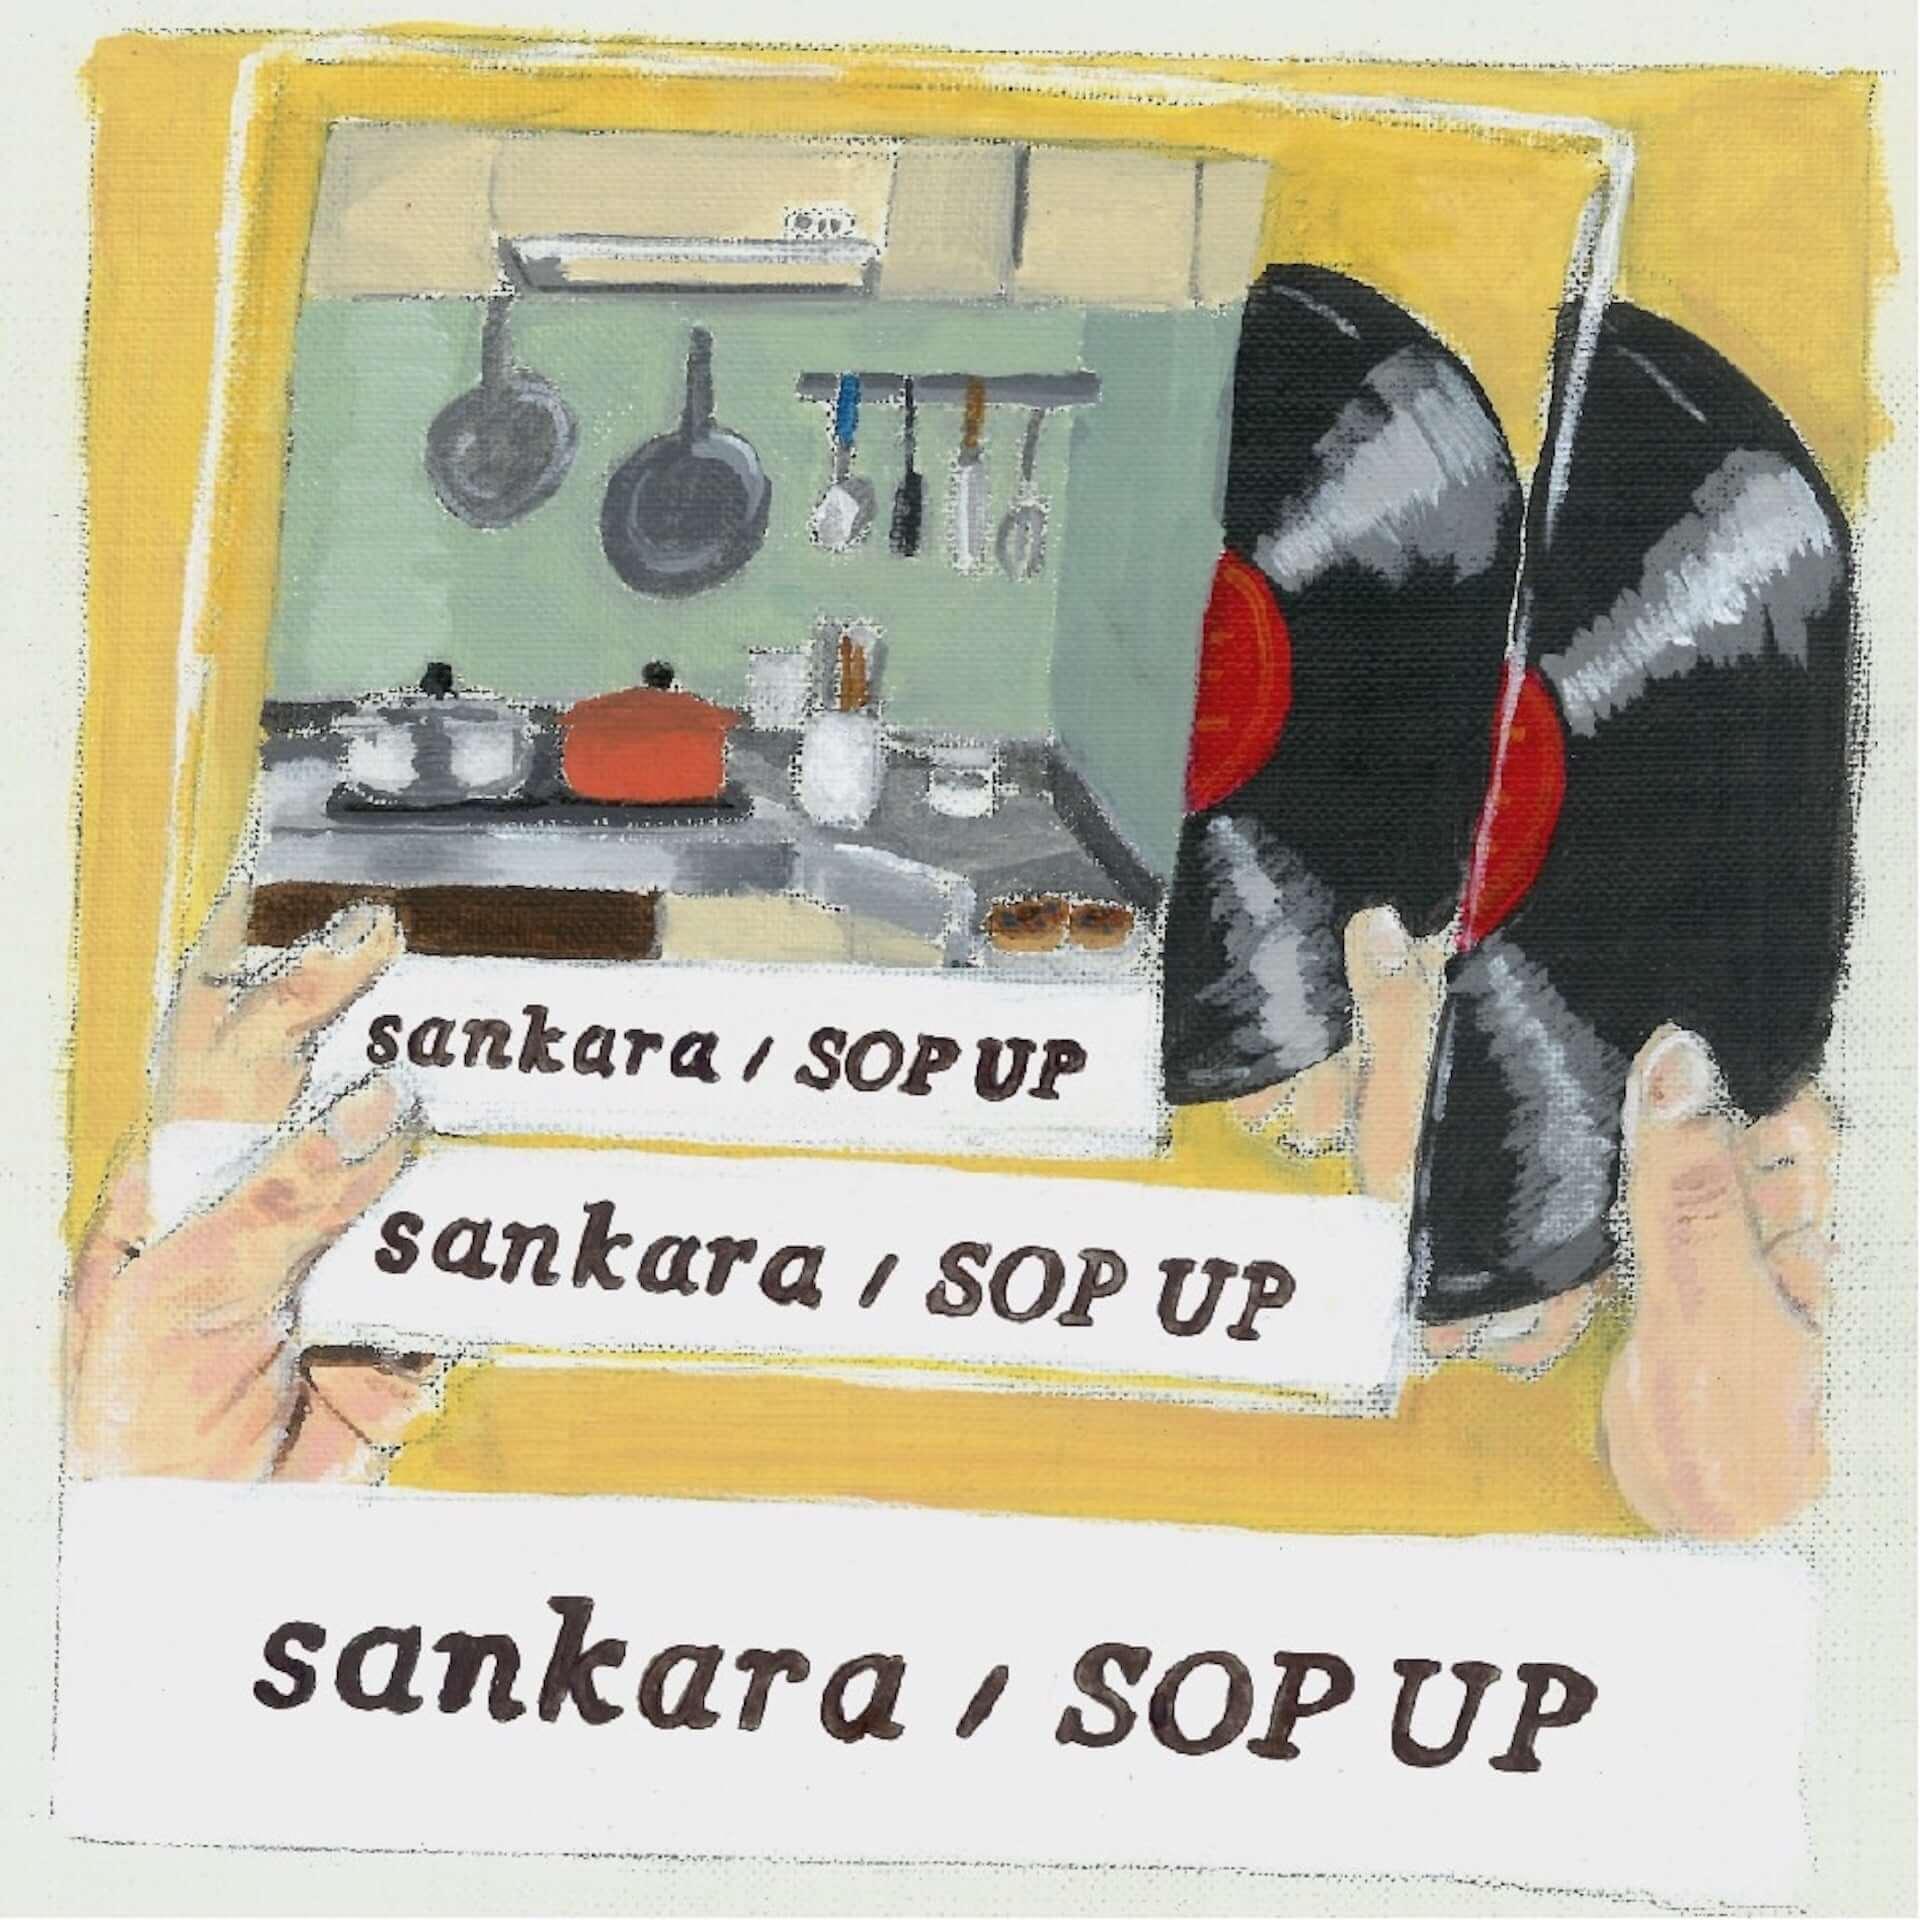 自分達だけじゃない抜きの美学。sankaraが織りなすカルチャーを探る music200225_sankara_3-1920x1920